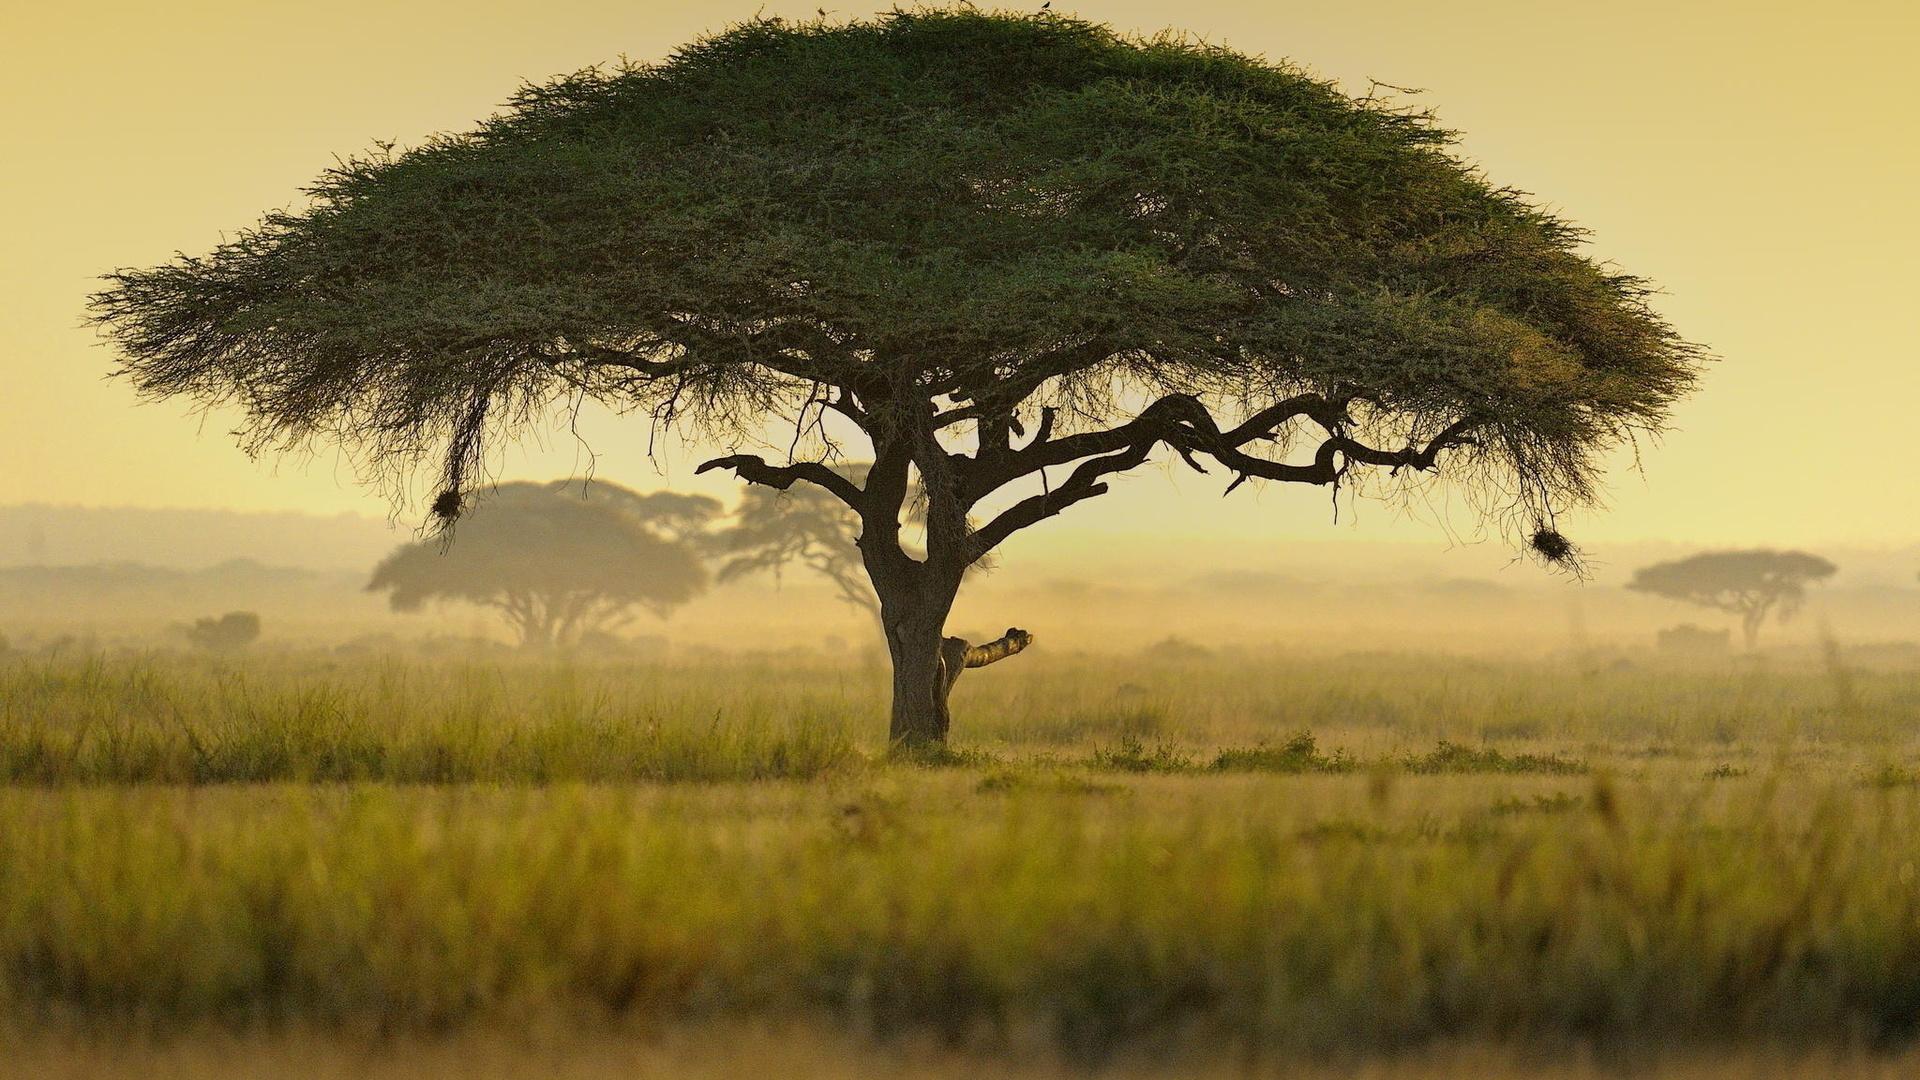 Деревья в картинках южных стран